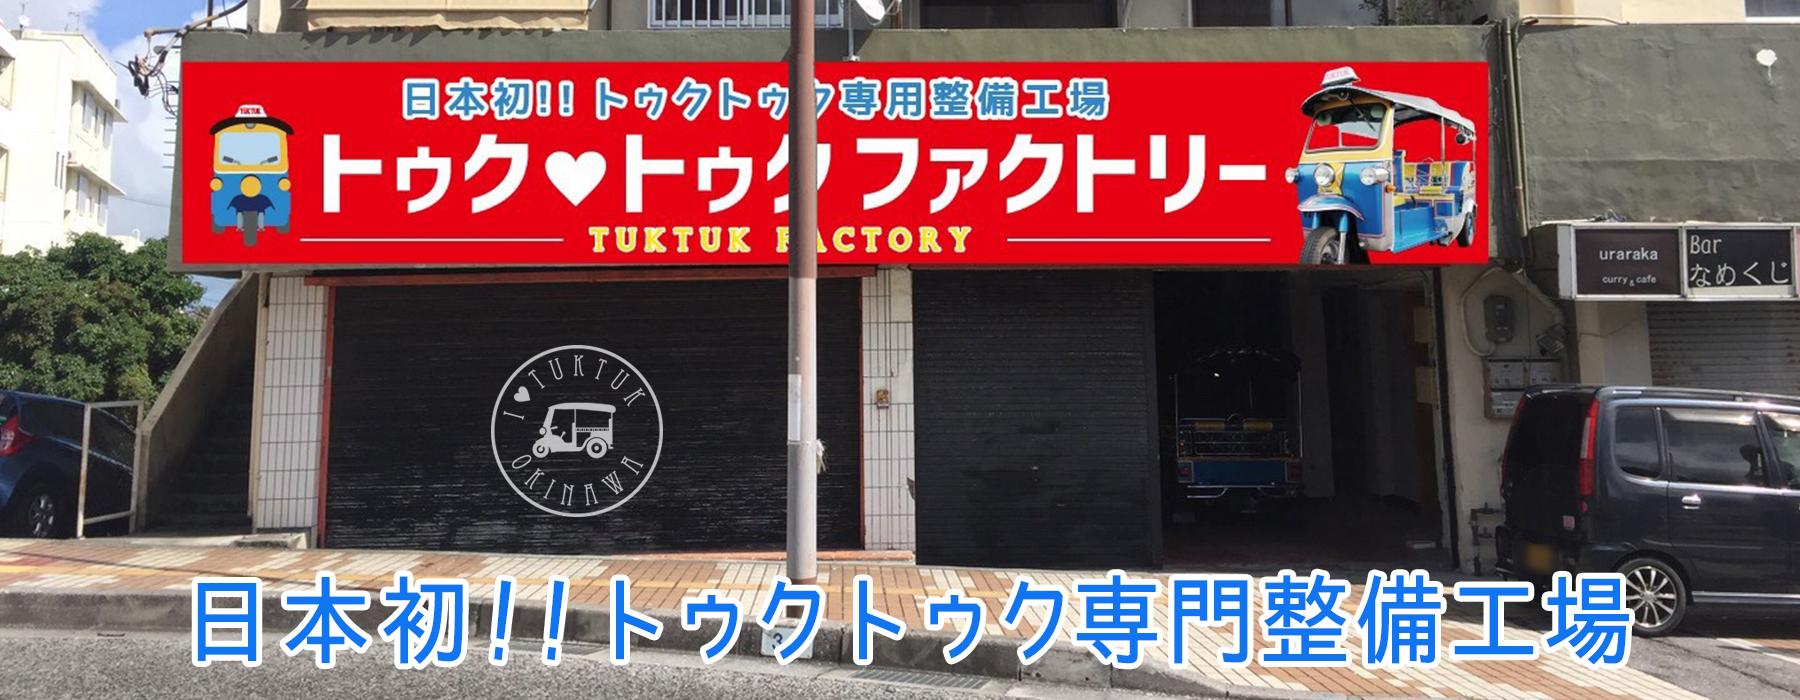 """日本初トゥクトゥク専門整備工場"""" width="""